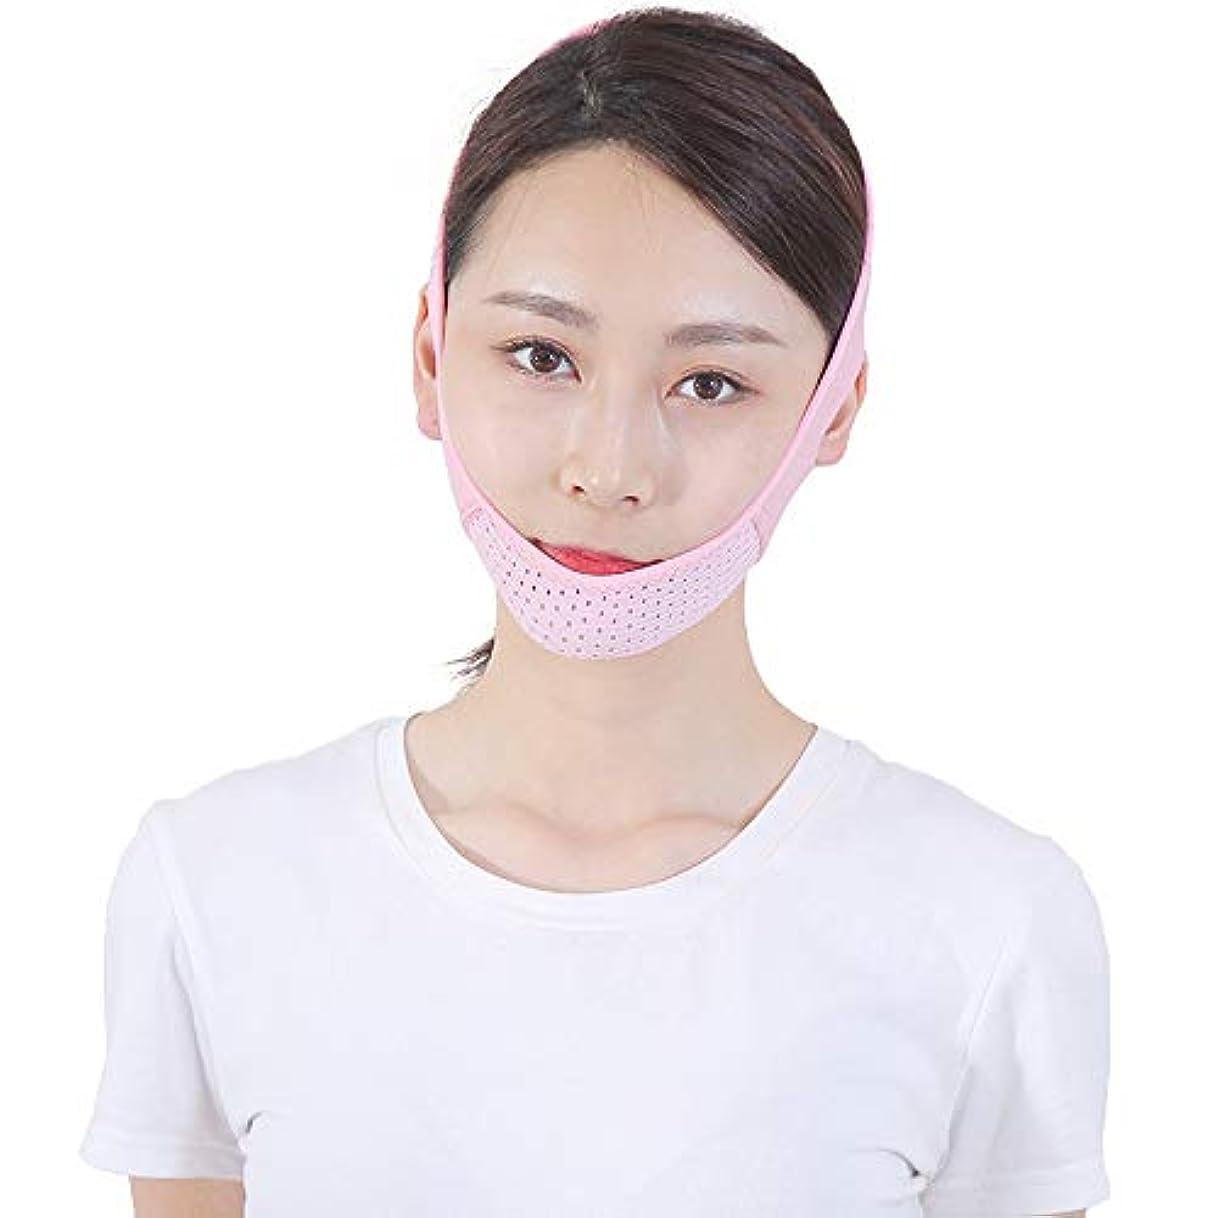 合金蚊広々としたJia Jia- フェイシャルリフティング痩身ベルトフェイススリムゲットダブルチンアンチエイジングリンクルフェイスバンデージマスクシェイピングマスク顔を引き締めるダブルチンワークアウト 顔面包帯